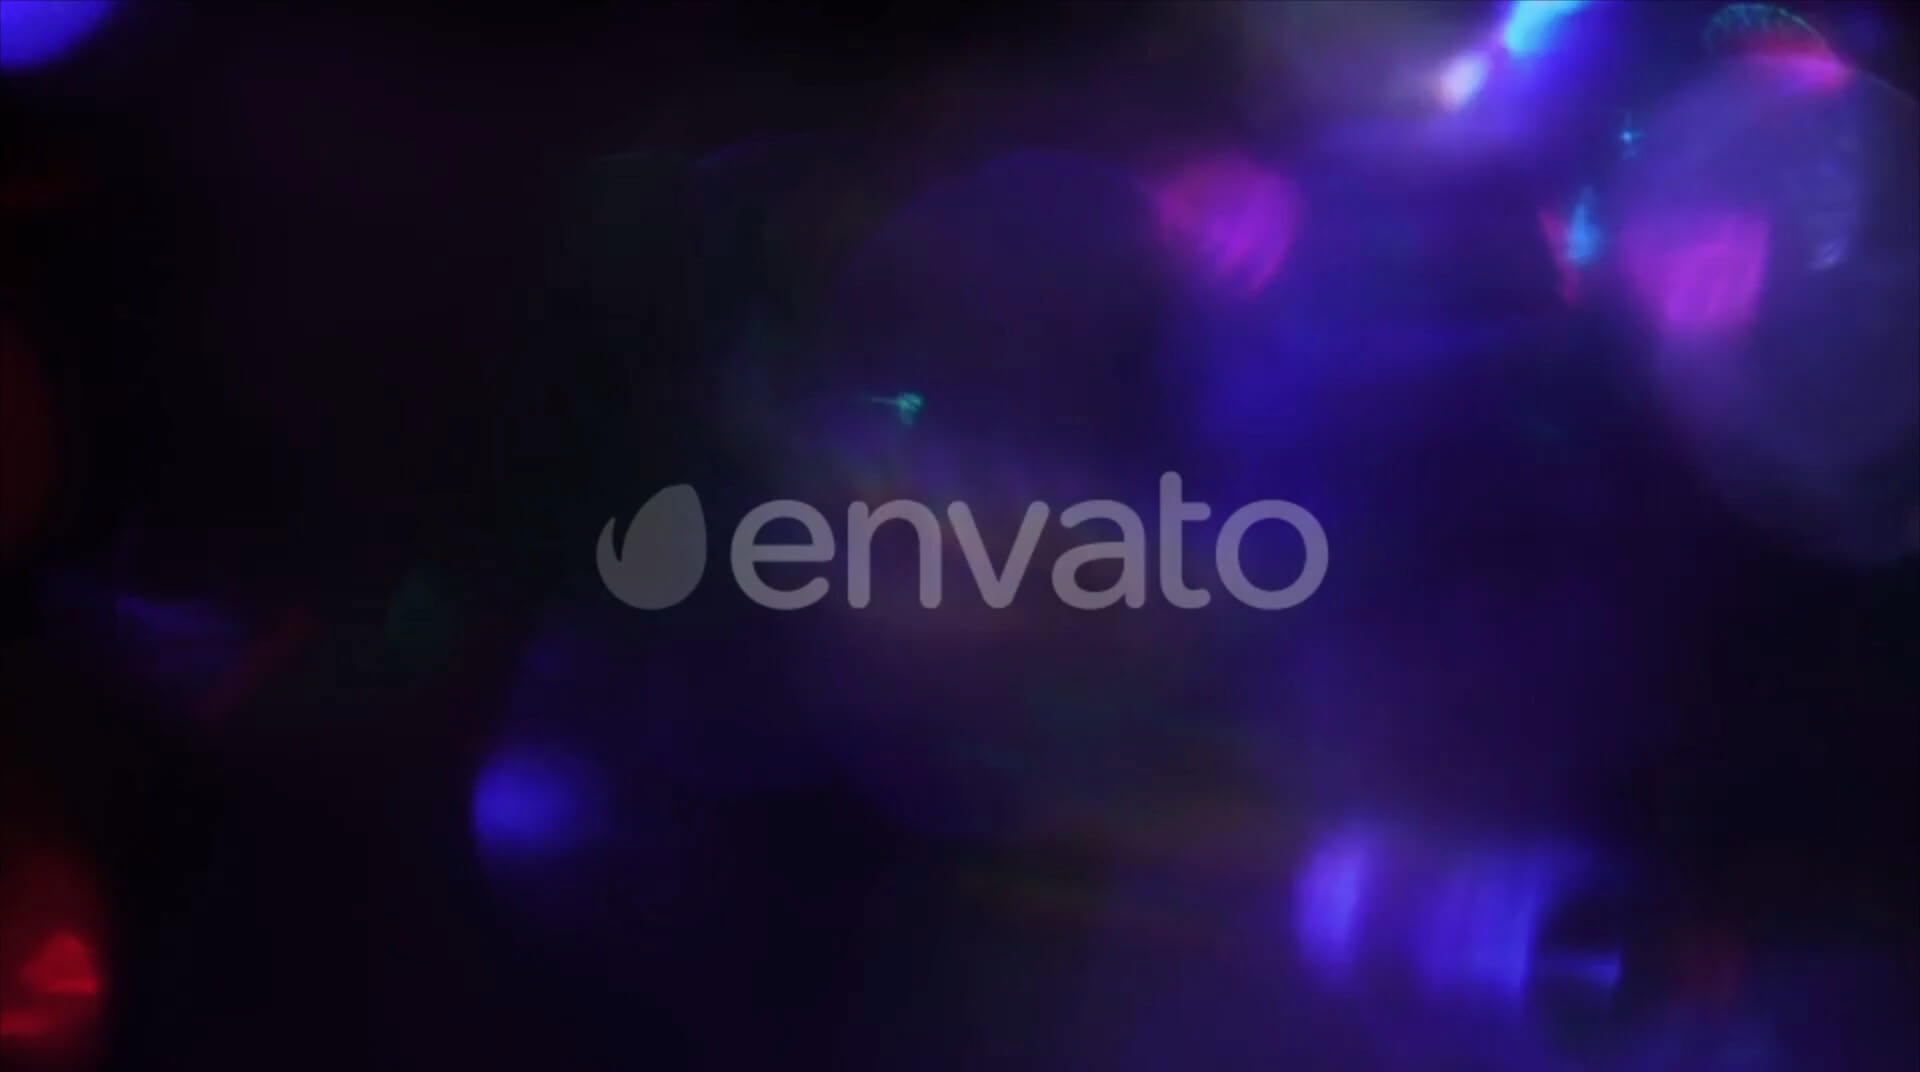 视频素材 30个微动镜头光斑光效叠加视频素材 Organic Light Leaks